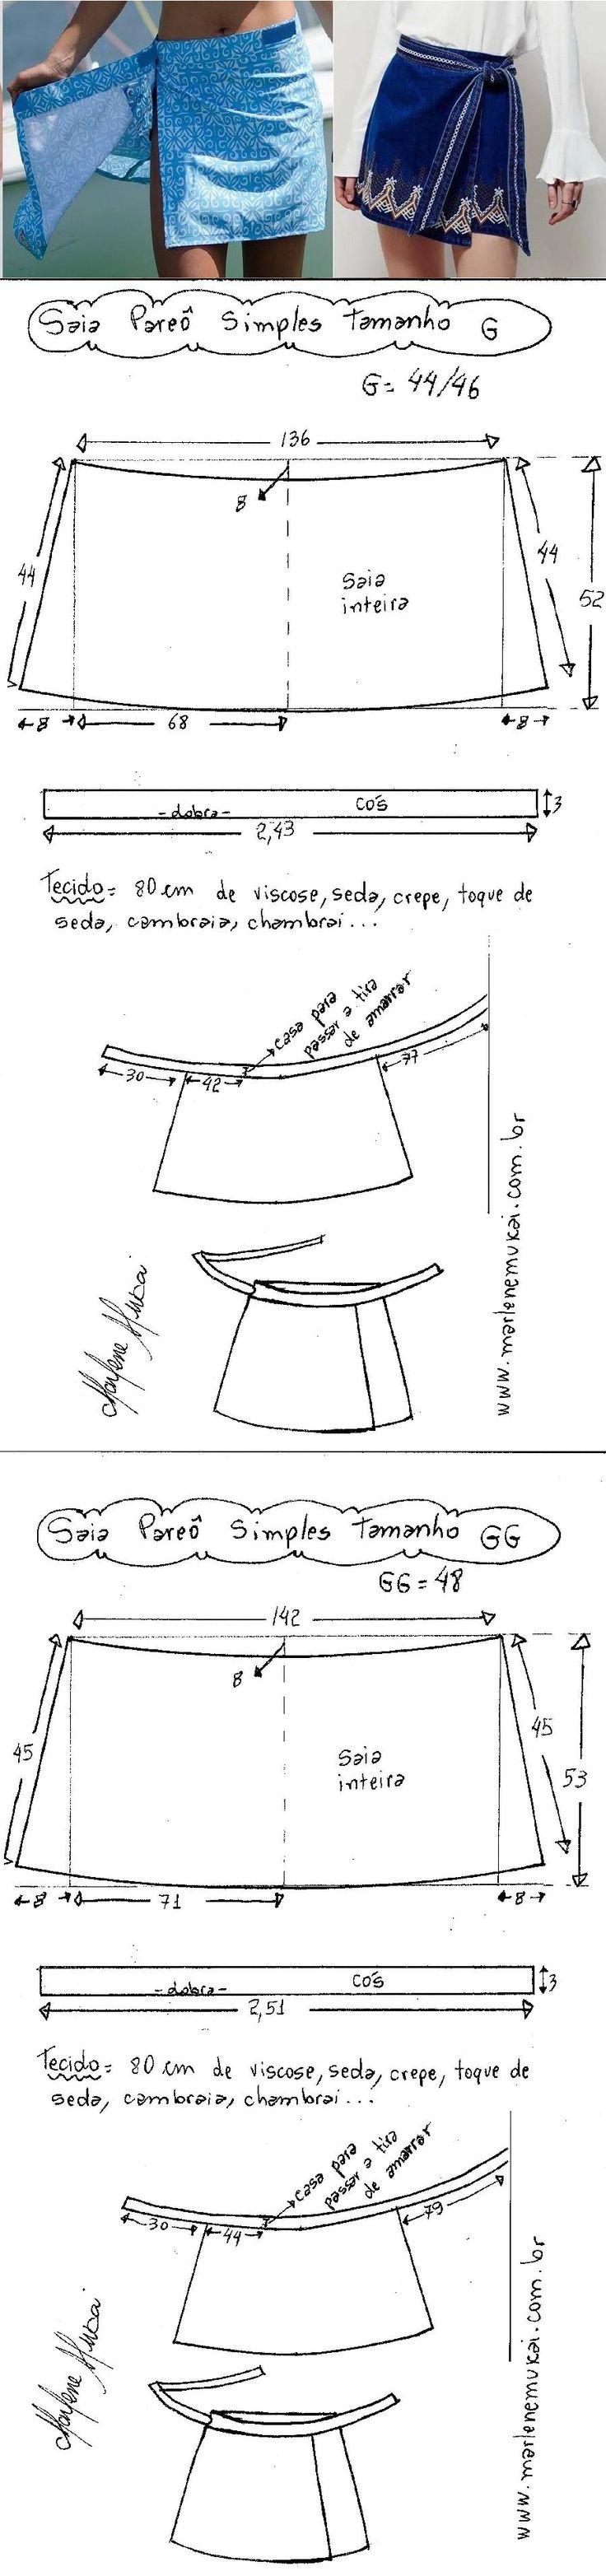 DIY – molde, corte e costura – Marlene Mukai. Saia envelope fácil simples. Optei para fazer a modelagem desta saia sem costuras laterais, inteira. Esquema de modelagem do PP ao EXGG. http://www.marlenemukai.com.br/2016/11/09/saia-envelope-facil-simples/